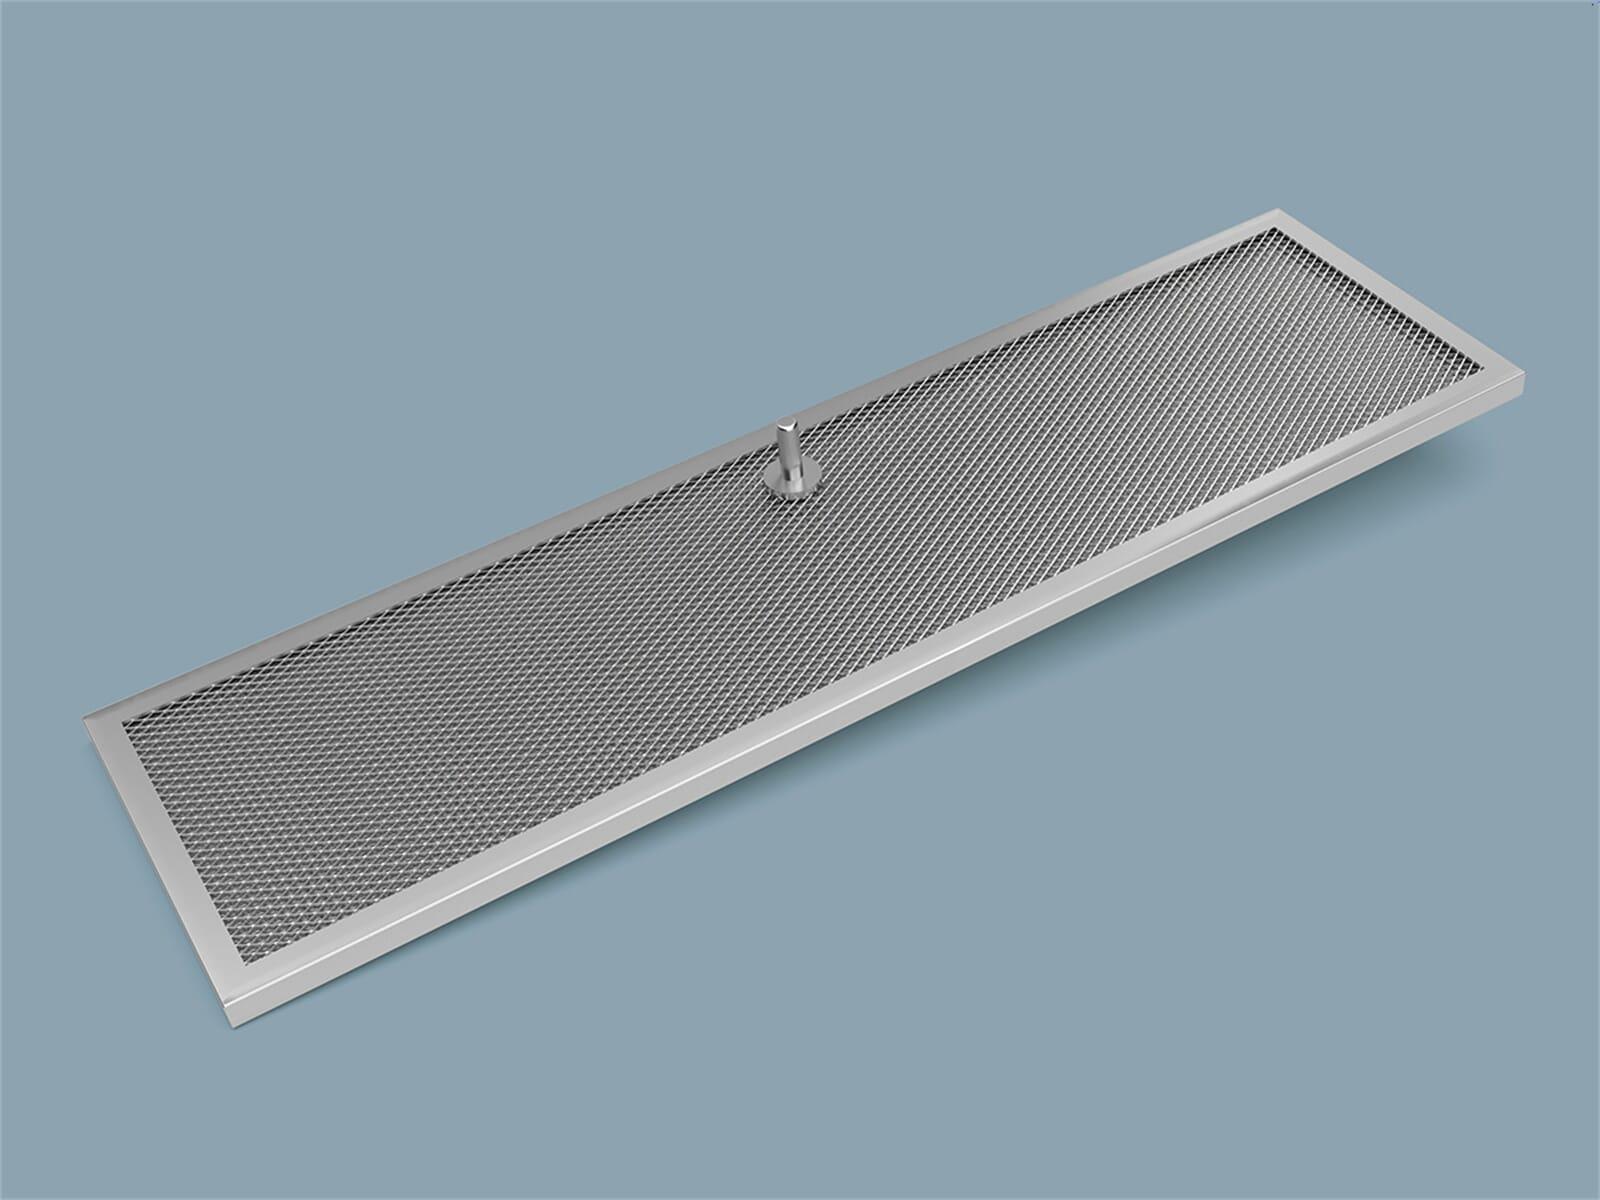 Siemens lf16va570 tischlüfter edelstahl ebay